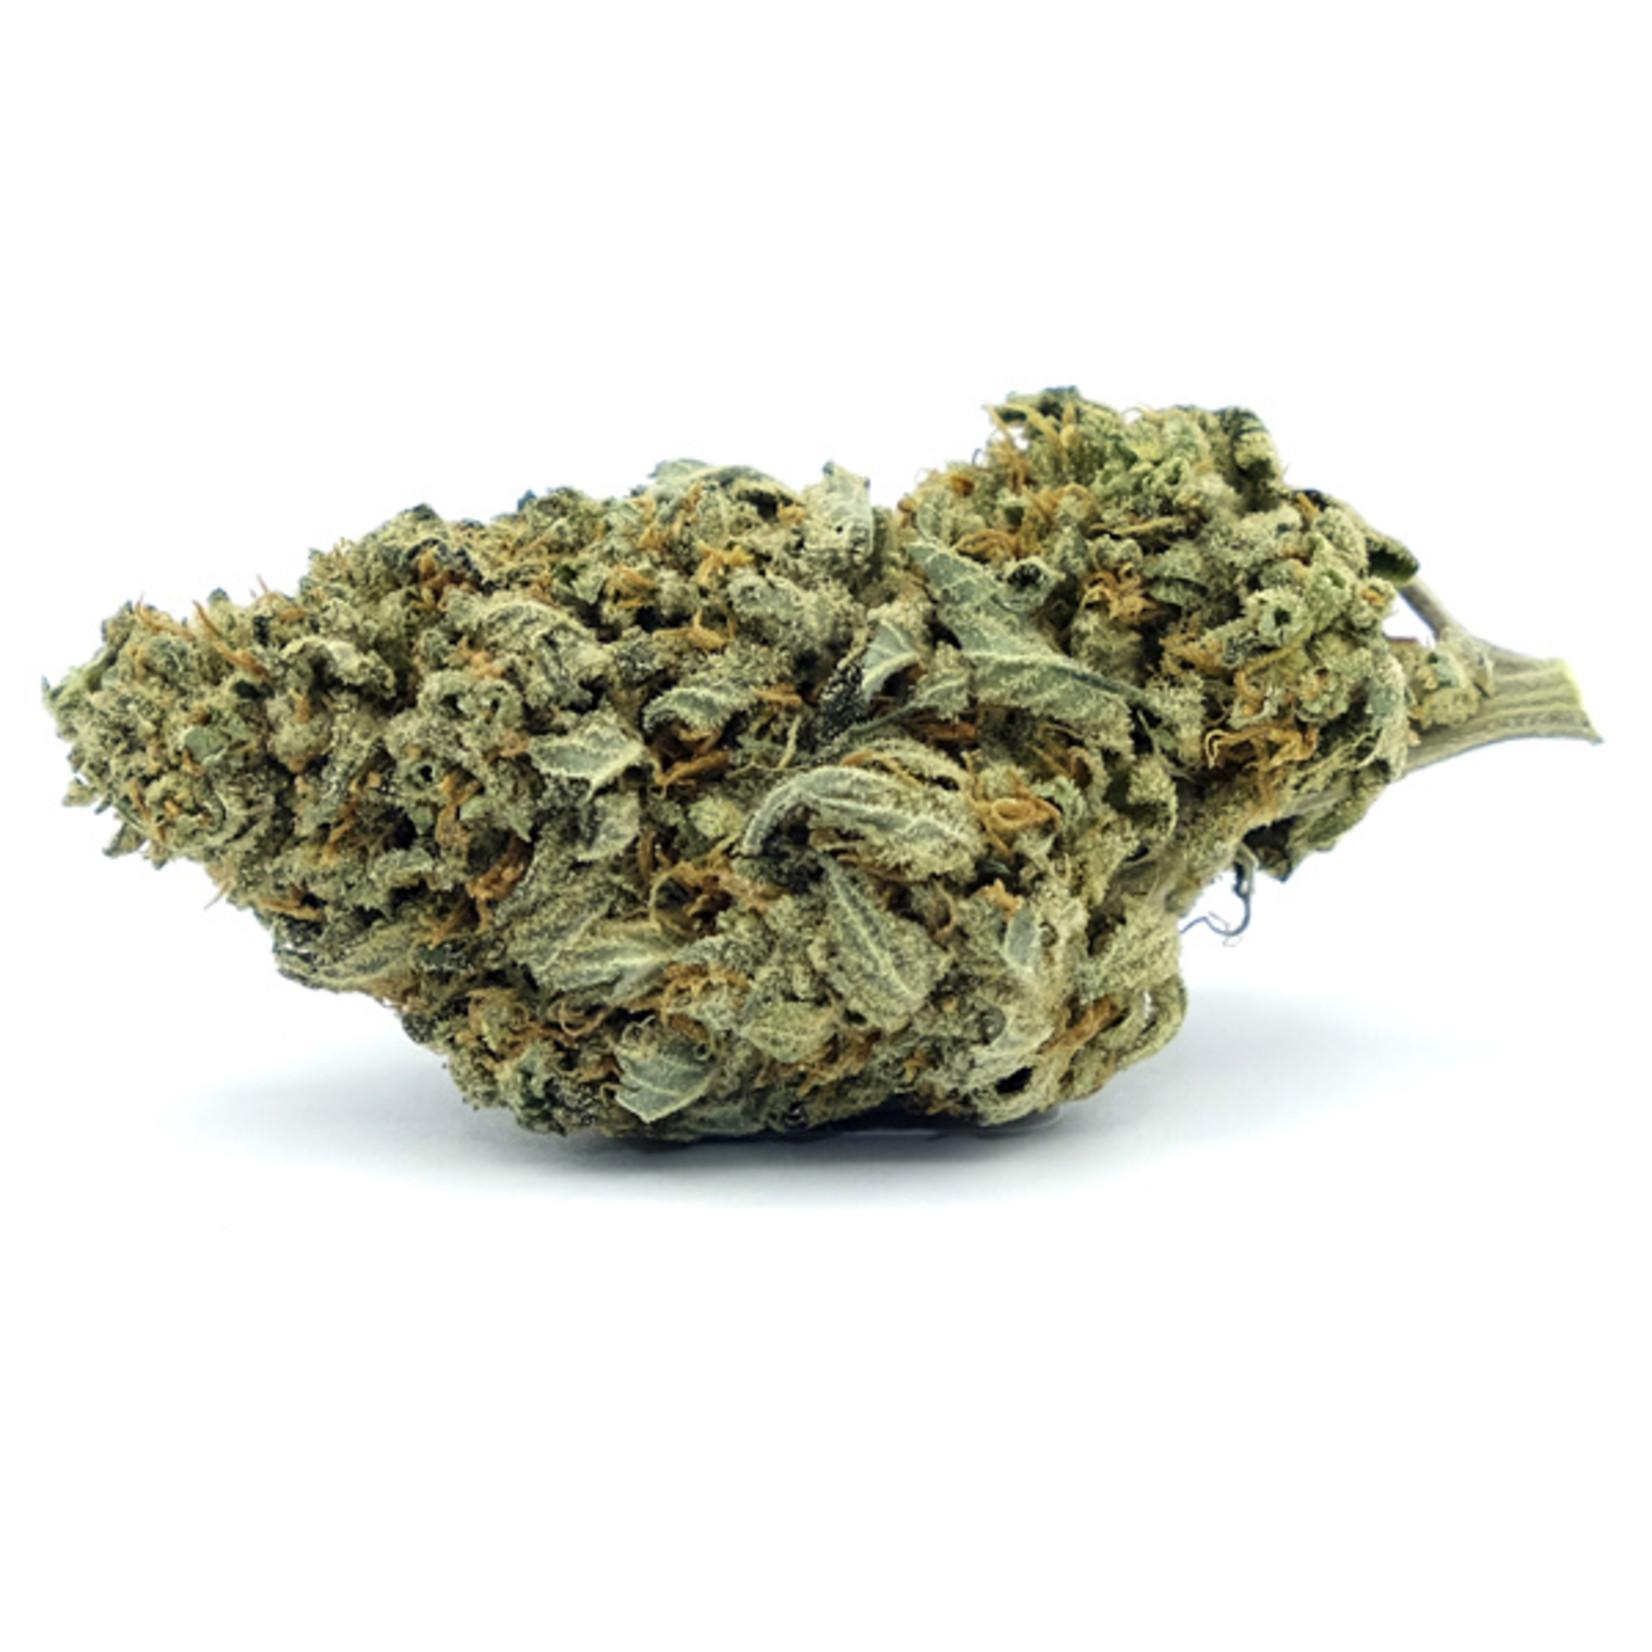 Auto Gorilla Glue #4 Cannabis Seeds